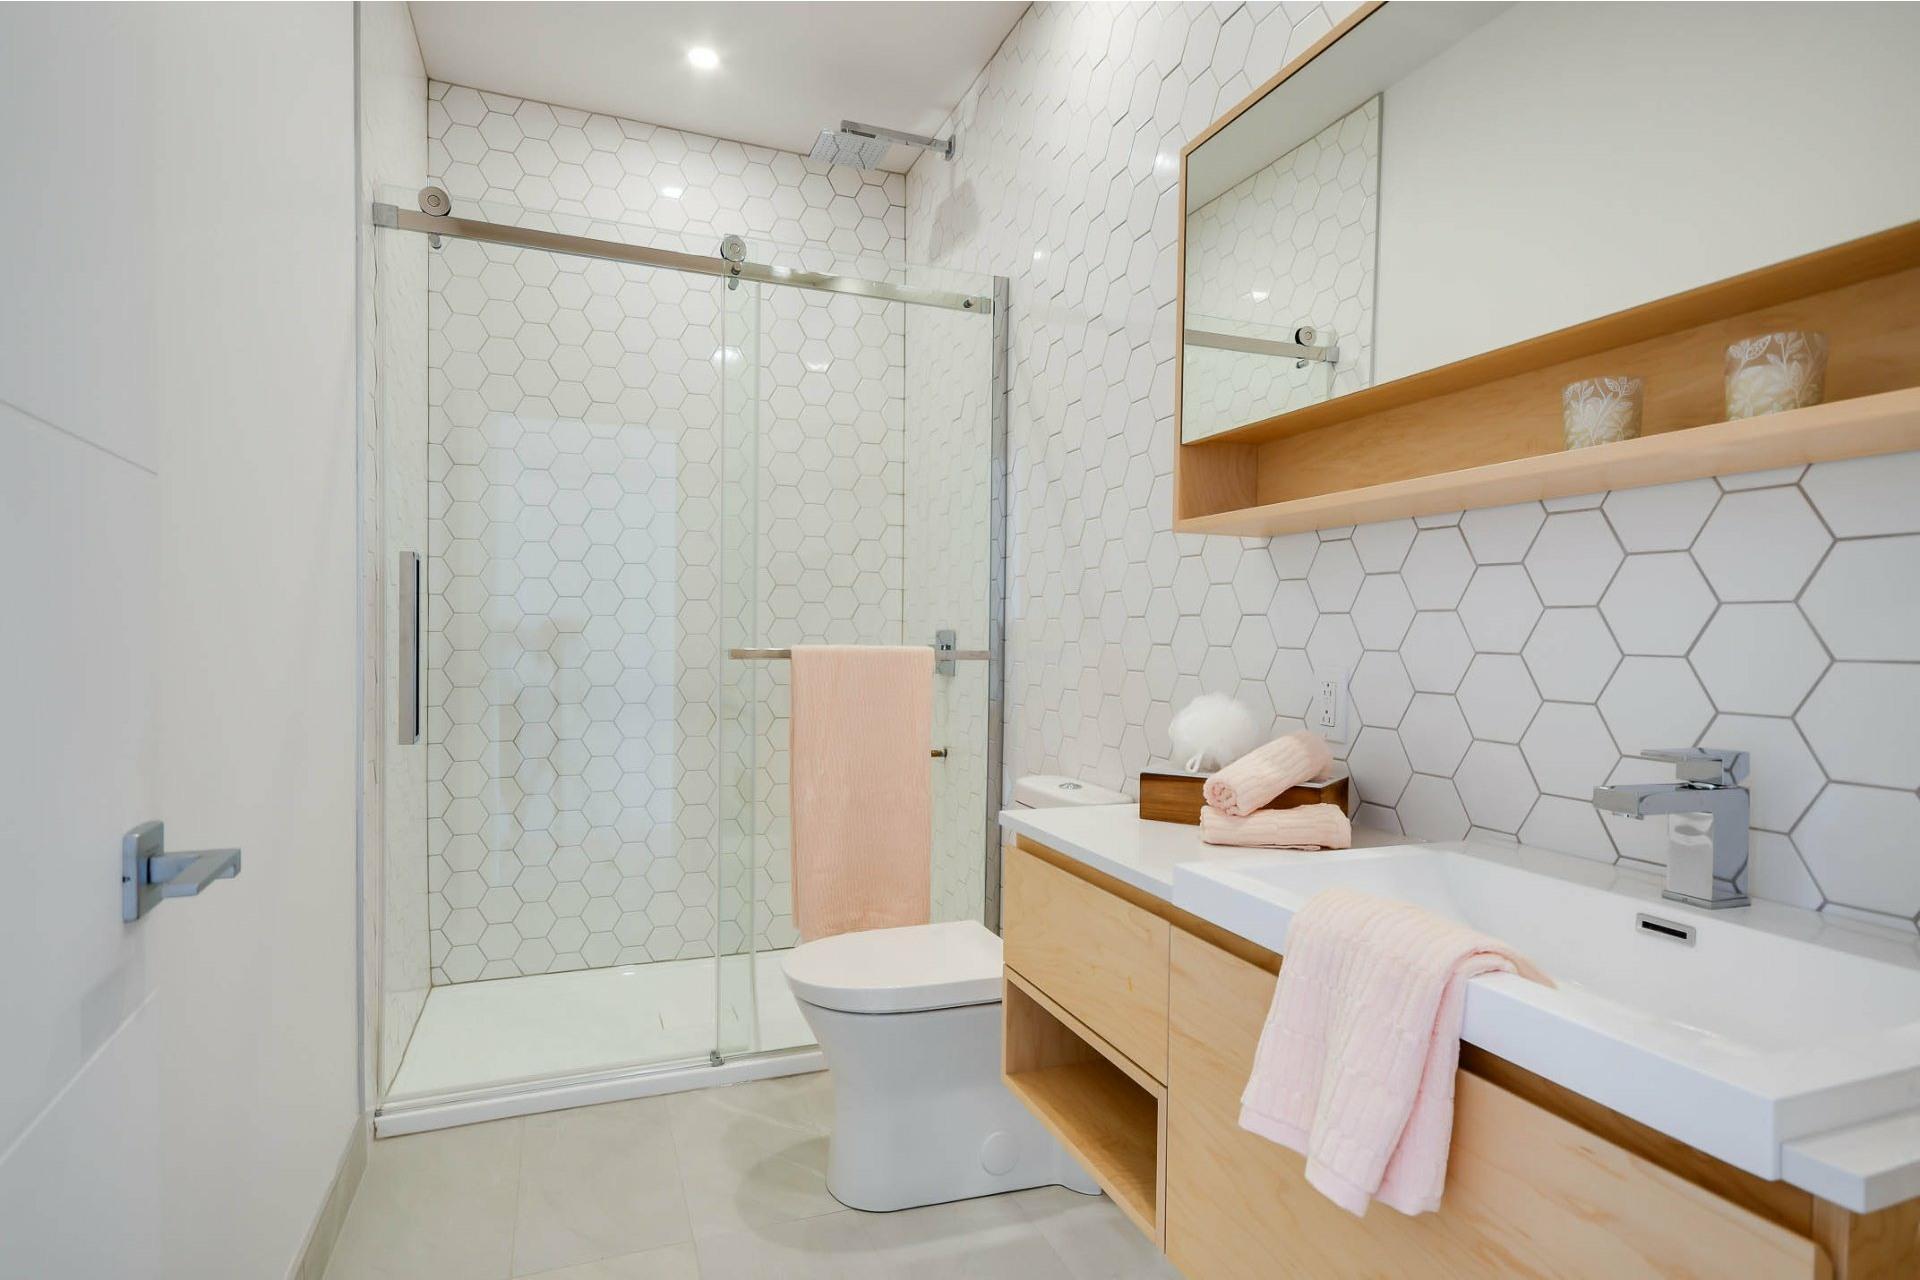 image 8 - Apartment For sale Villeray/Saint-Michel/Parc-Extension Montréal  - 7 rooms